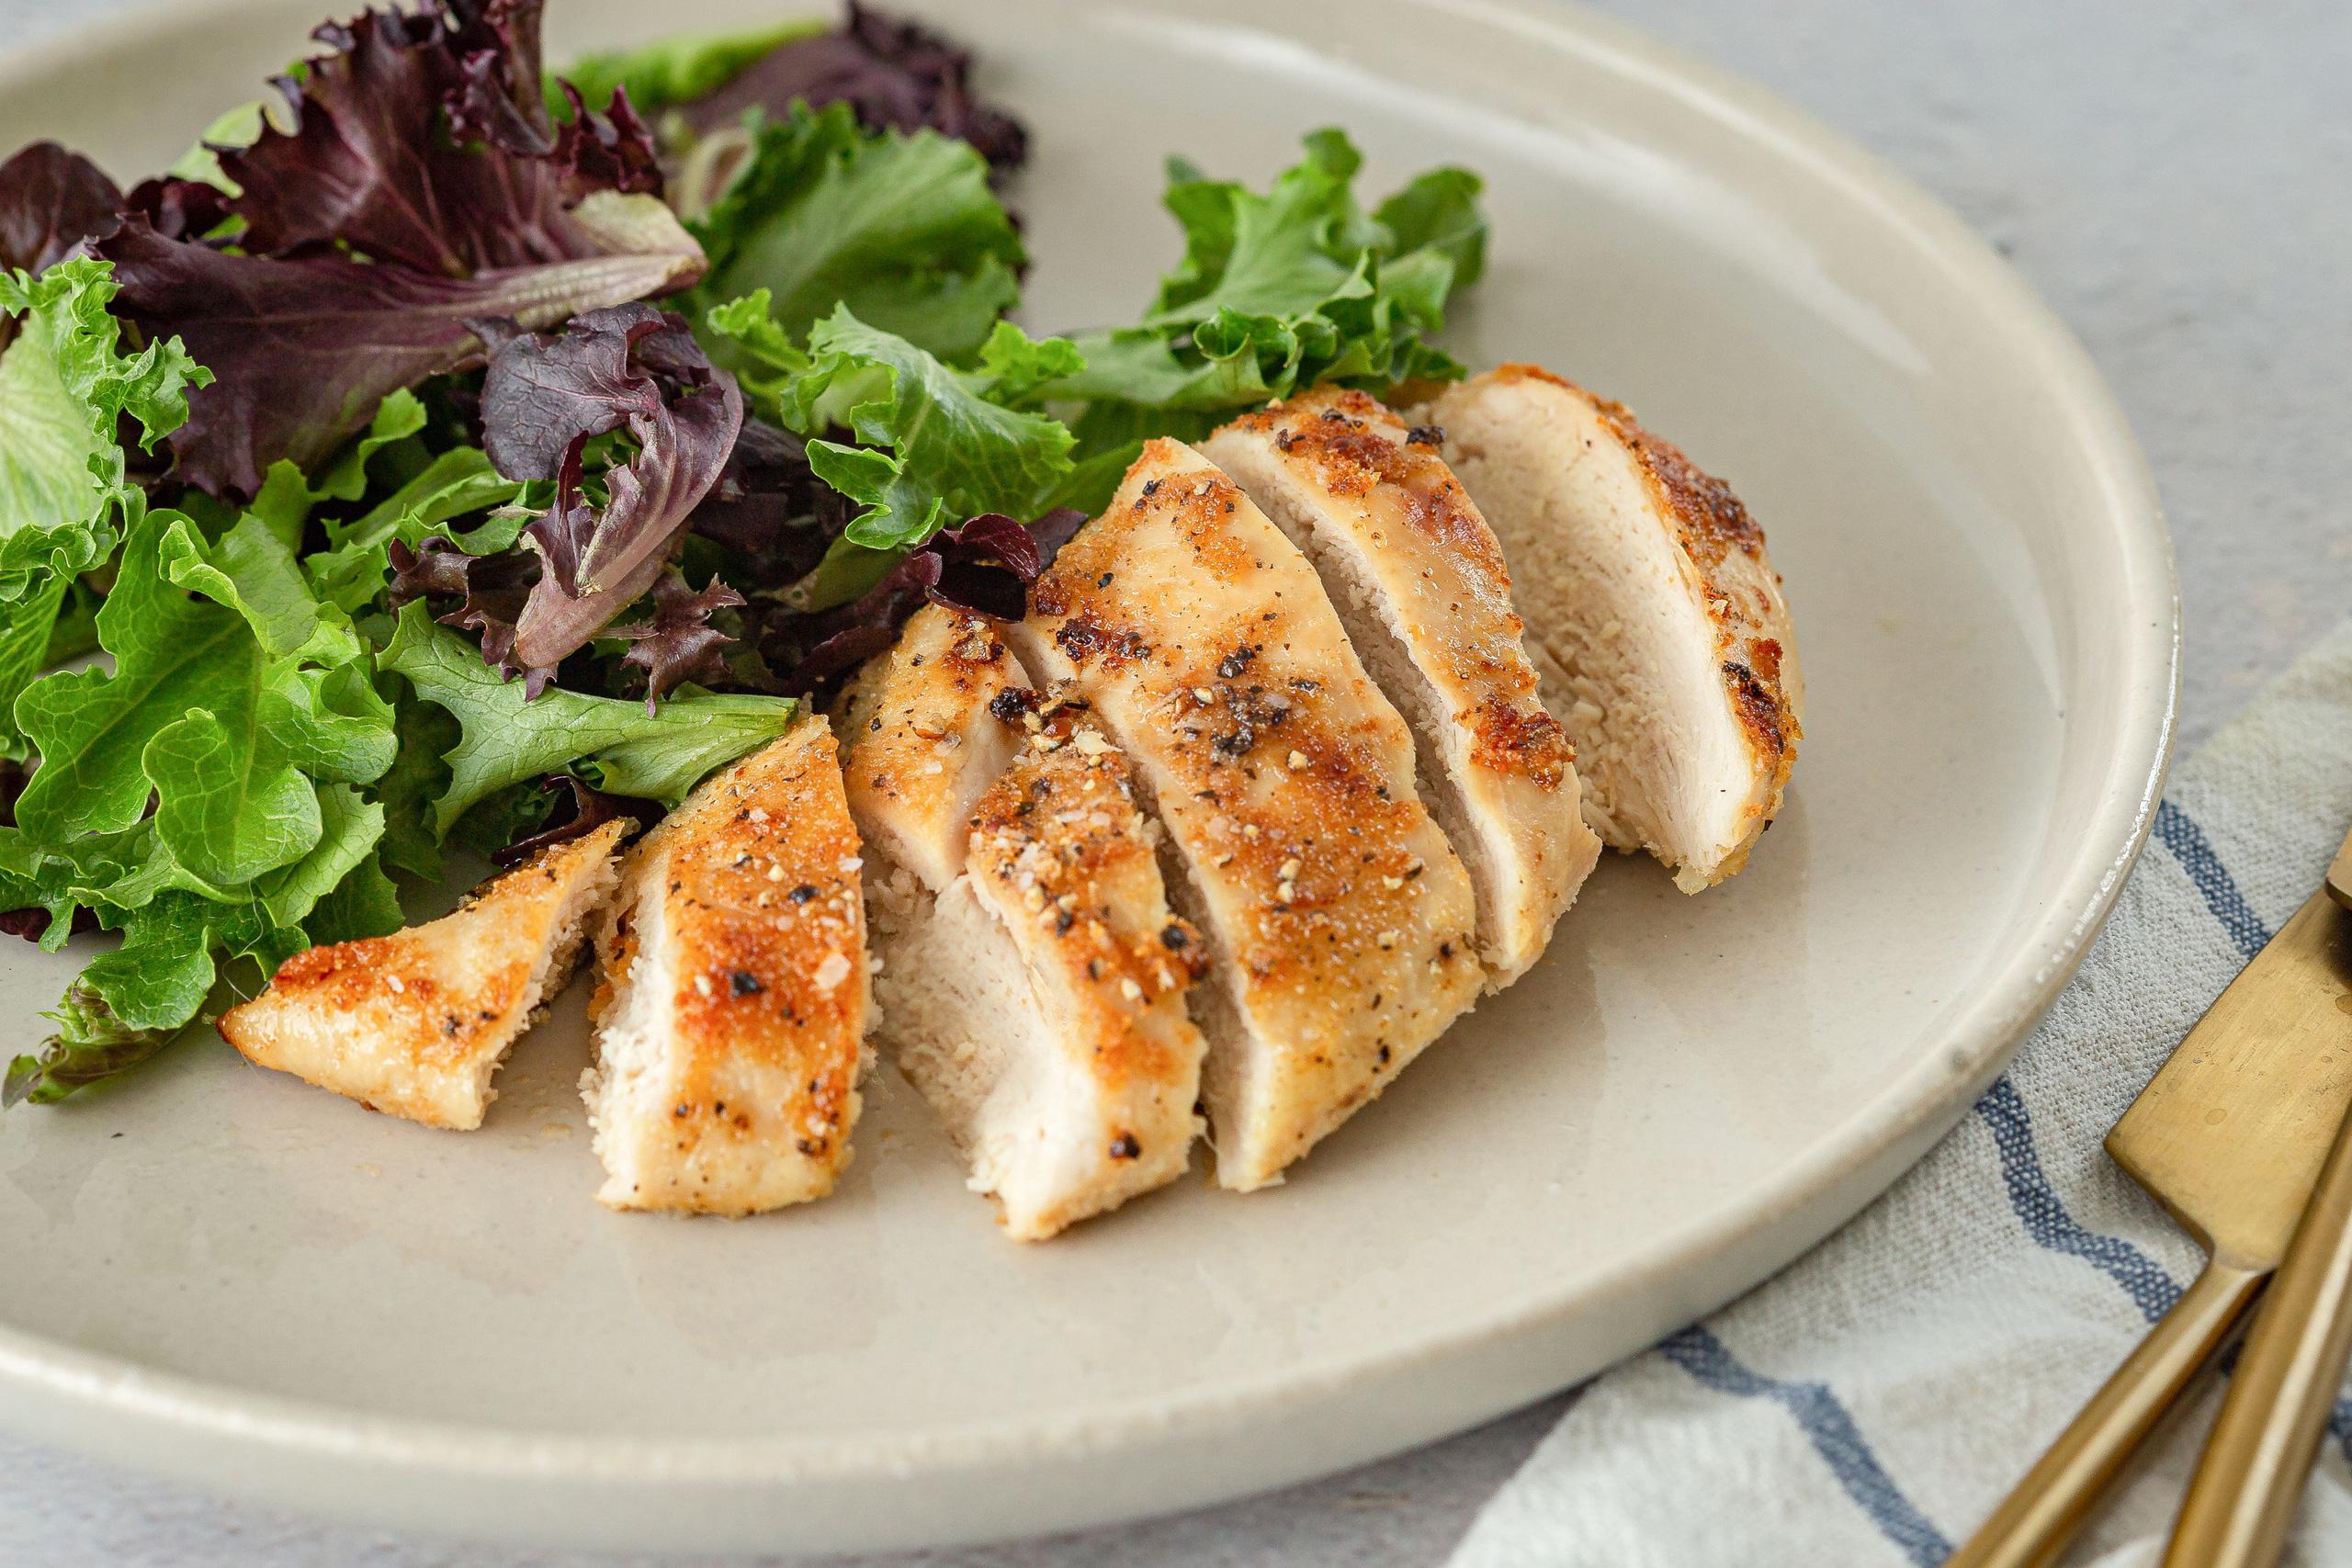 Top 6 thực phẩm dễ bị hỏng khi trời nóng bức, đọc ngay để tránh! - Ảnh 5.